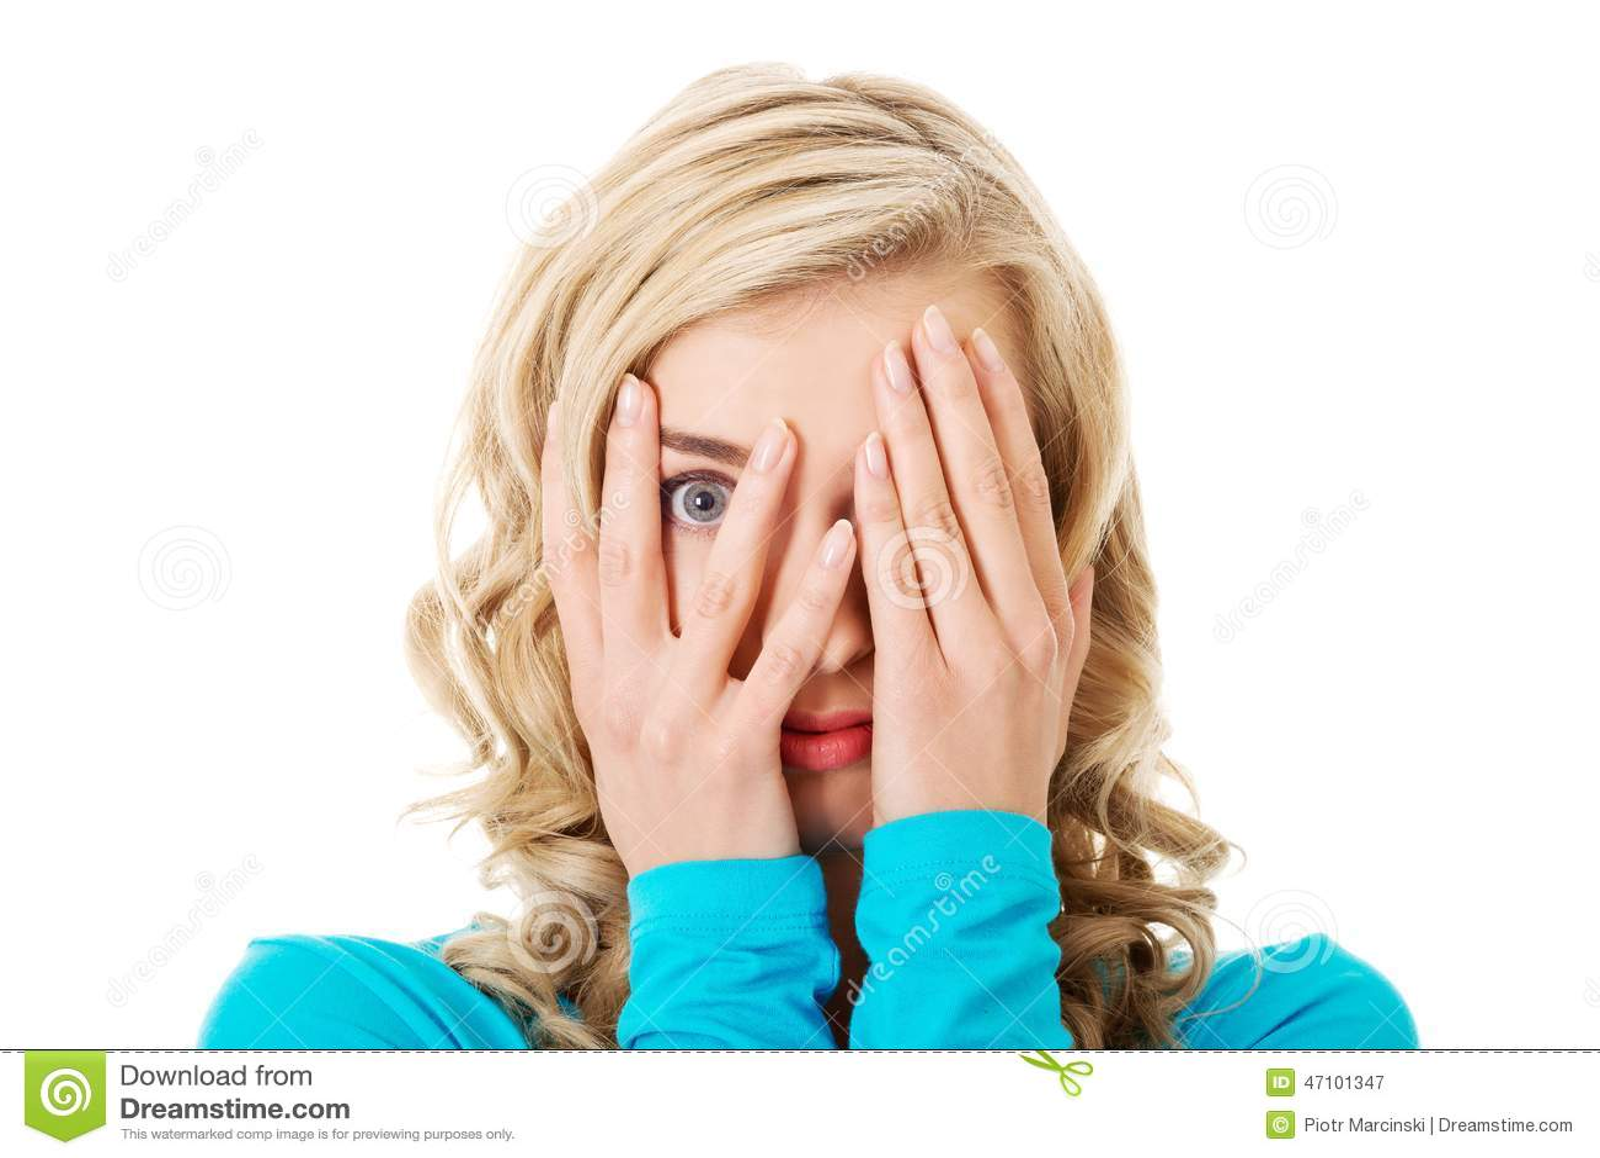 Porträt von Augen einer Frauenbedeckung